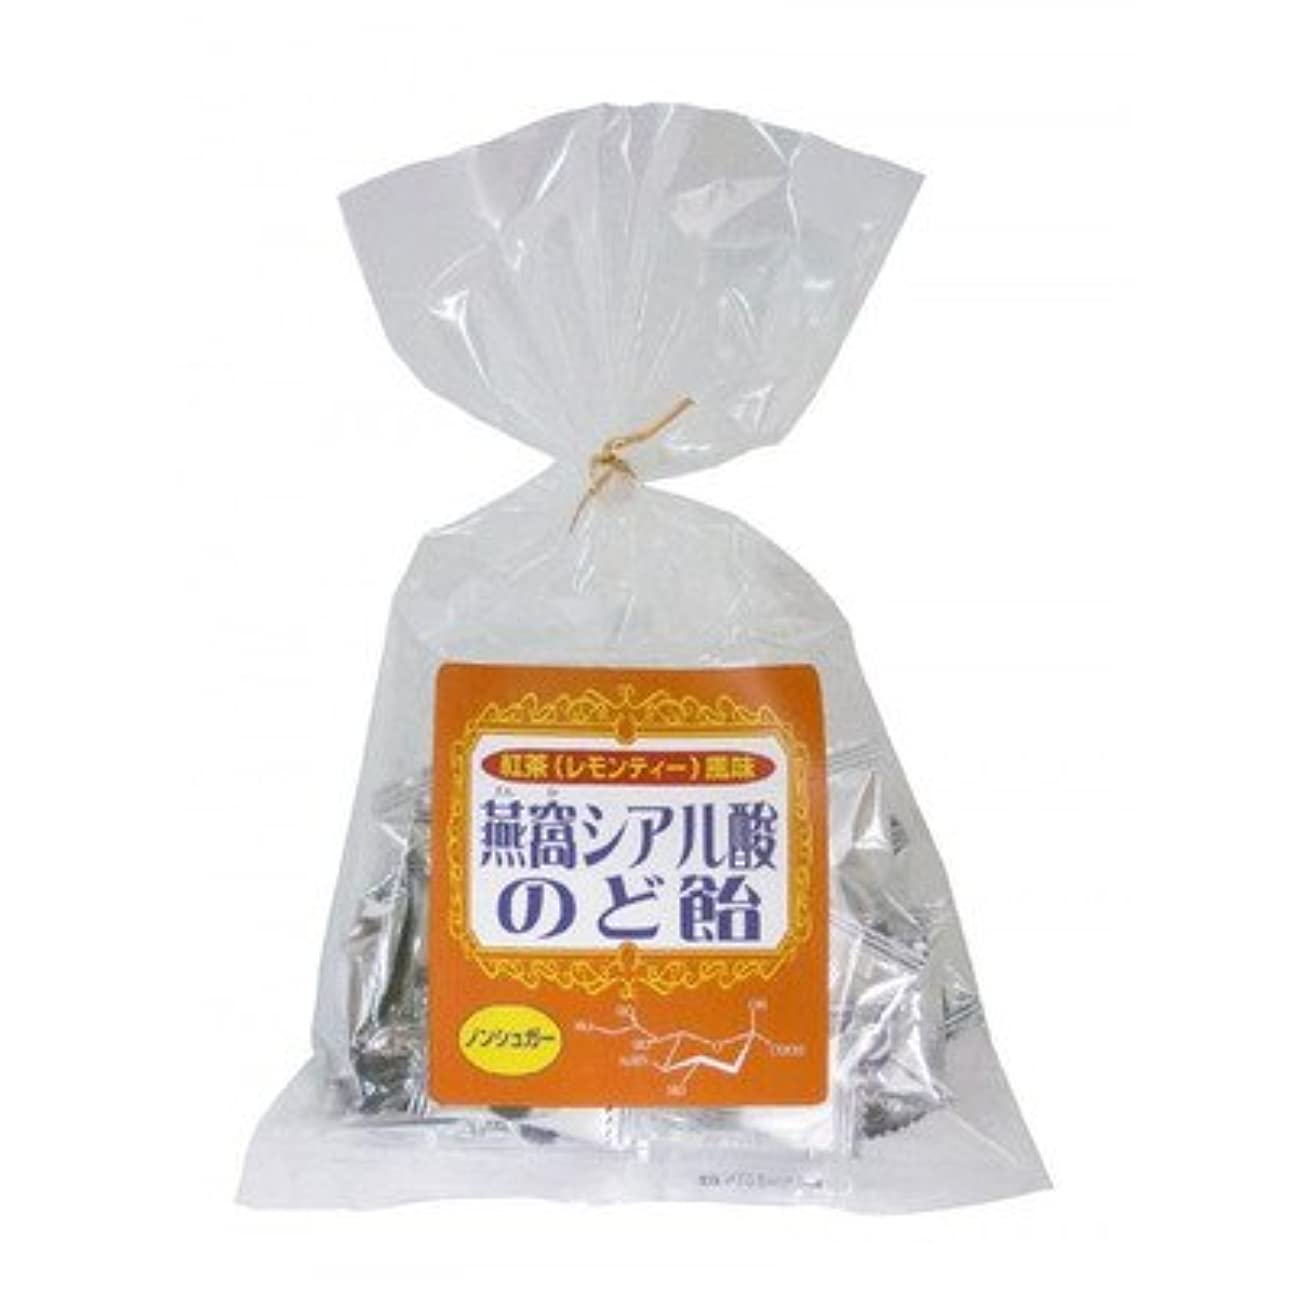 オーバーランラベルスペクトラム燕窩シアル酸のど飴ノンシュガー 紅茶(レモンティー)風味 87g×3袋